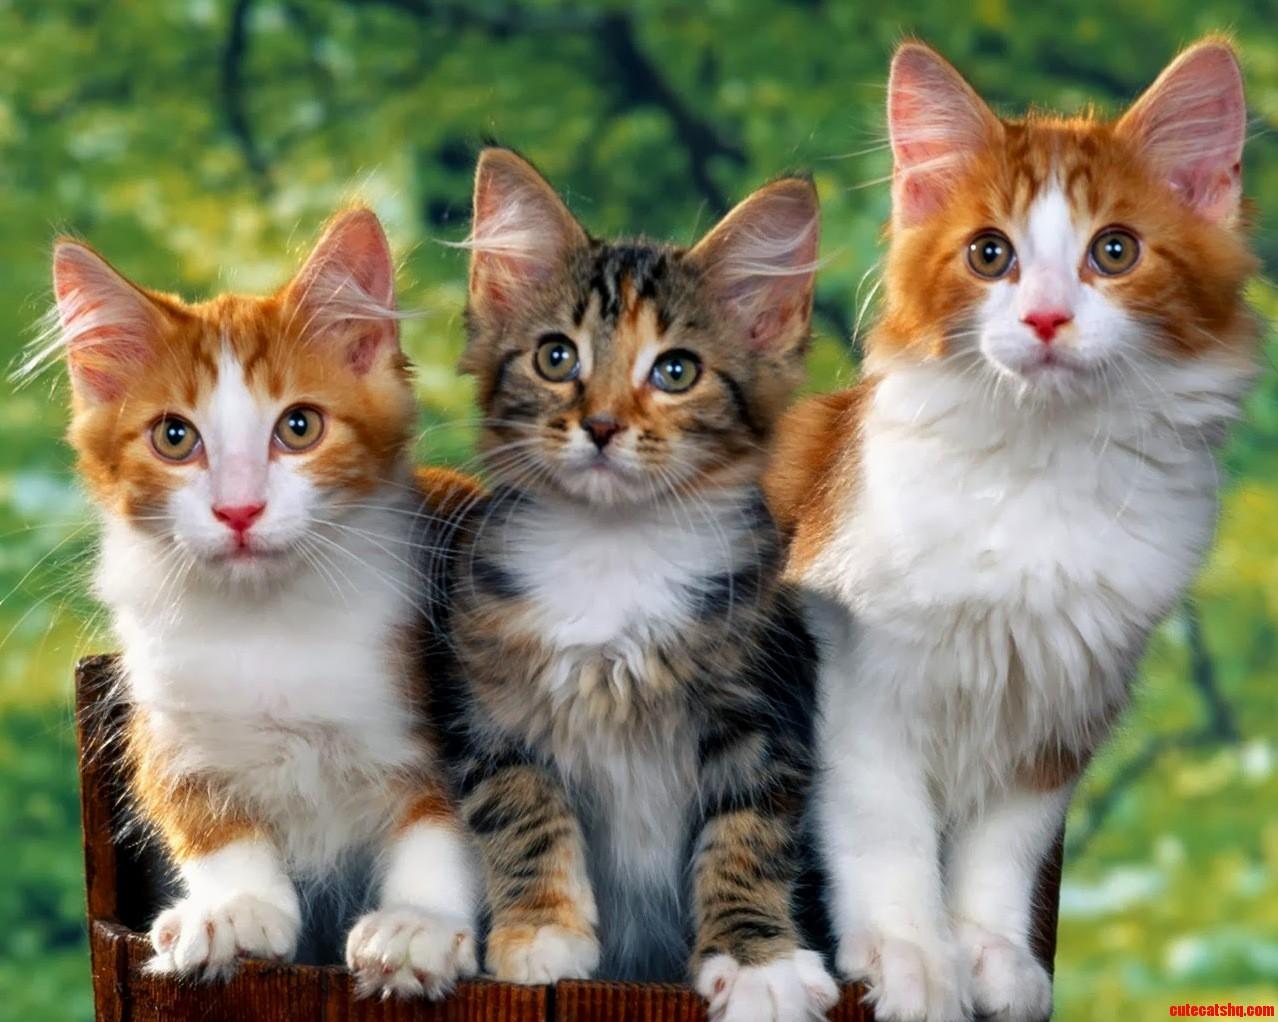 Pretty cute cats